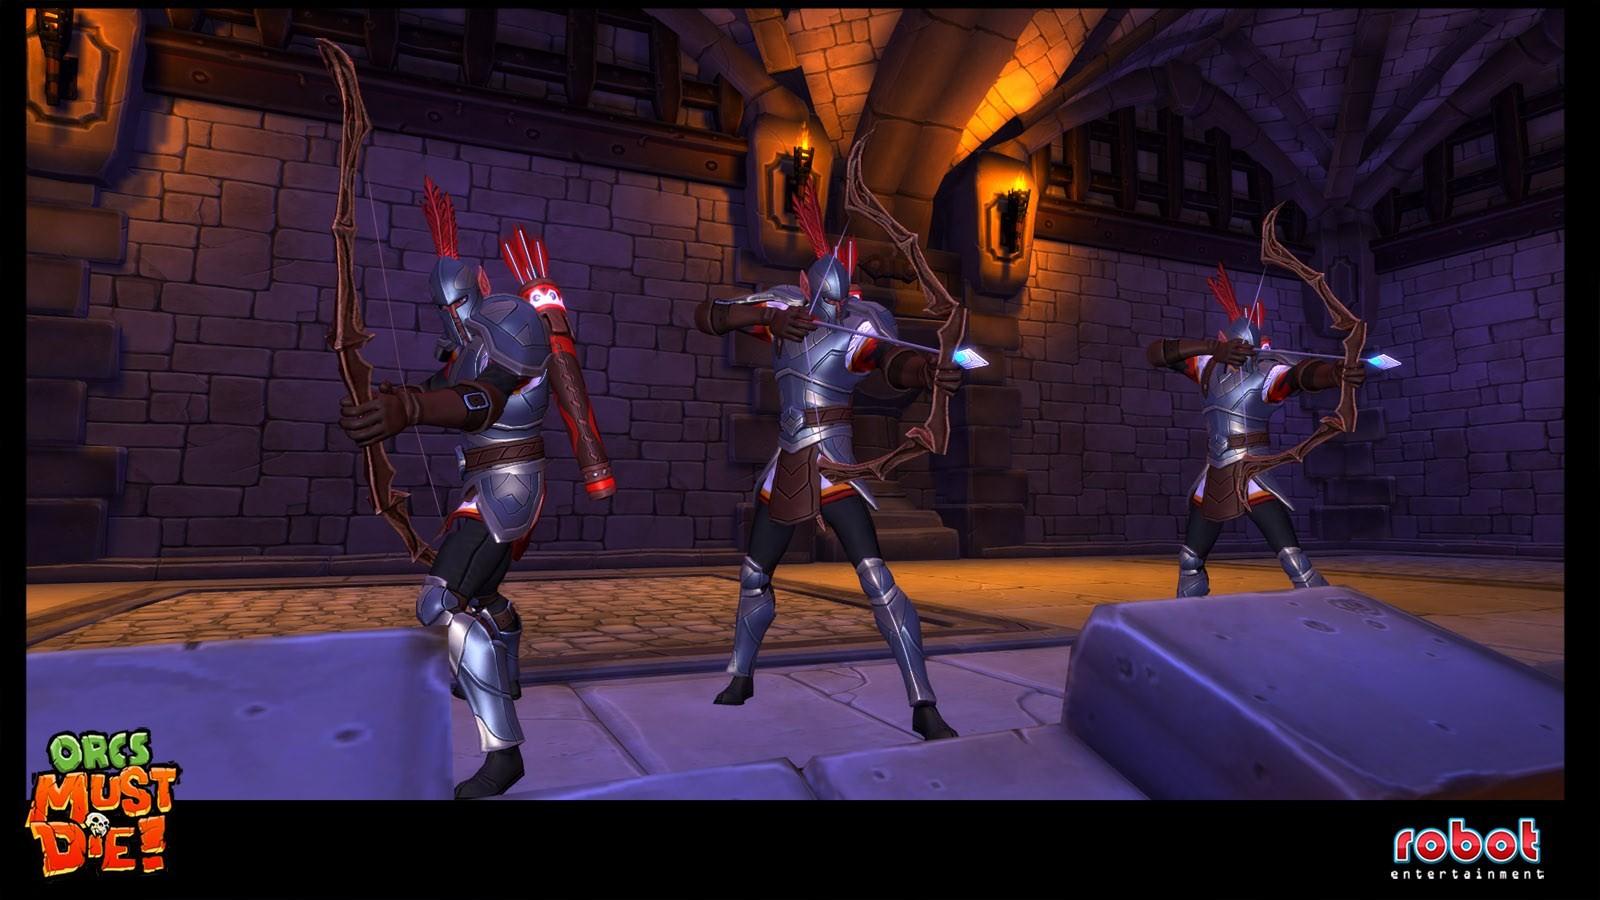 Orcs Must Die! - Screenshot